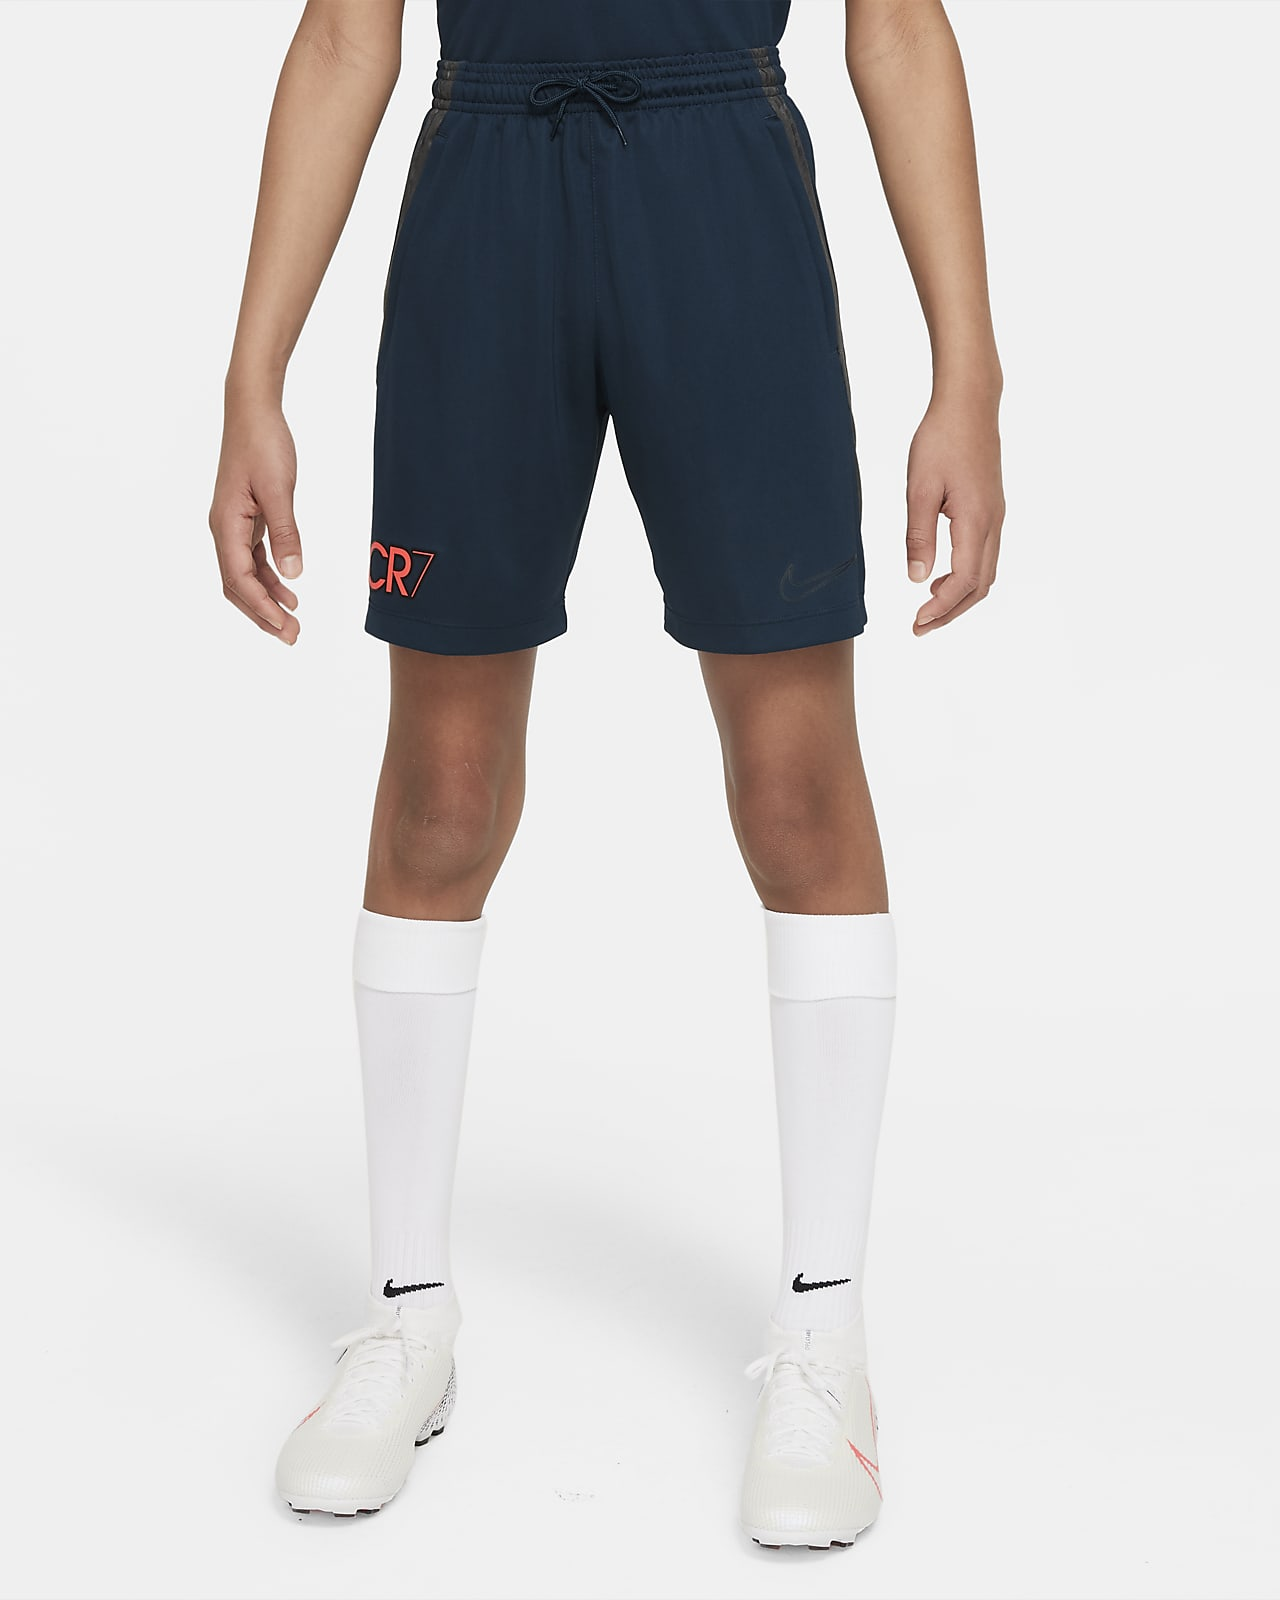 กางเกงฟุตบอลขาสั้นเด็กโต Nike Dri-FIT CR7